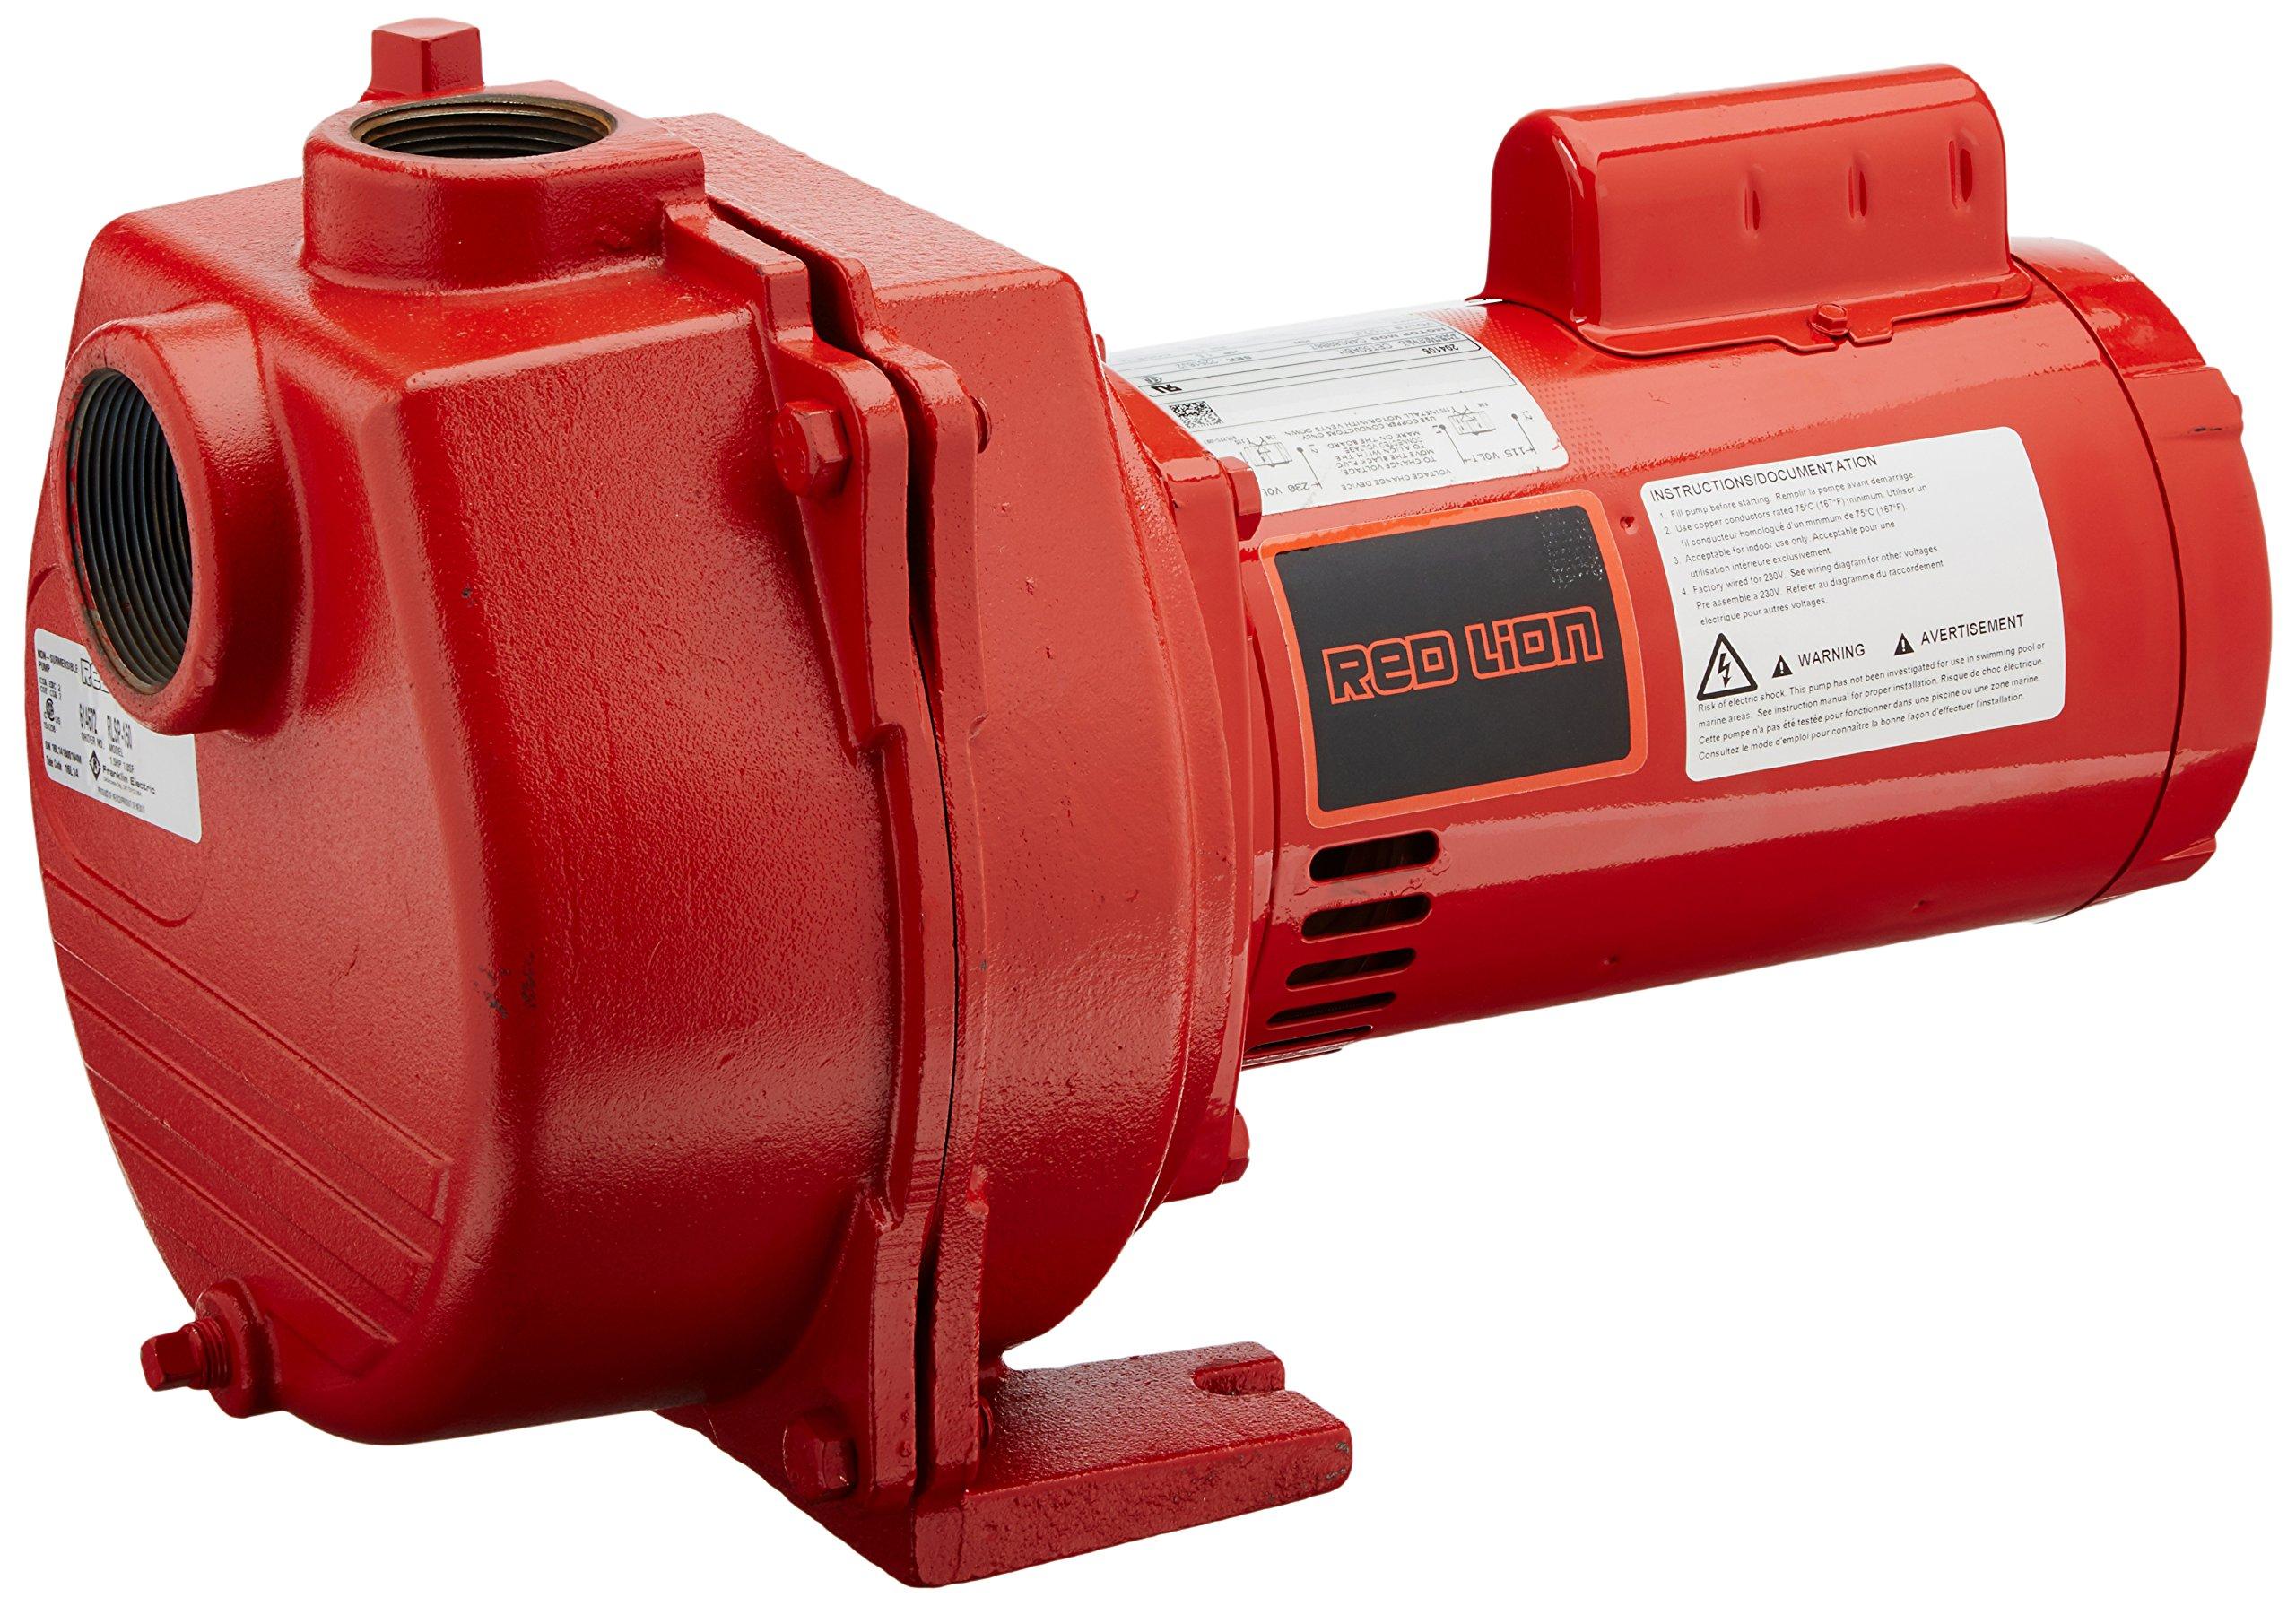 Red Lion RLSP-150 1-1/2-HP 50-GPM Cast Iron Sprinkler Pump